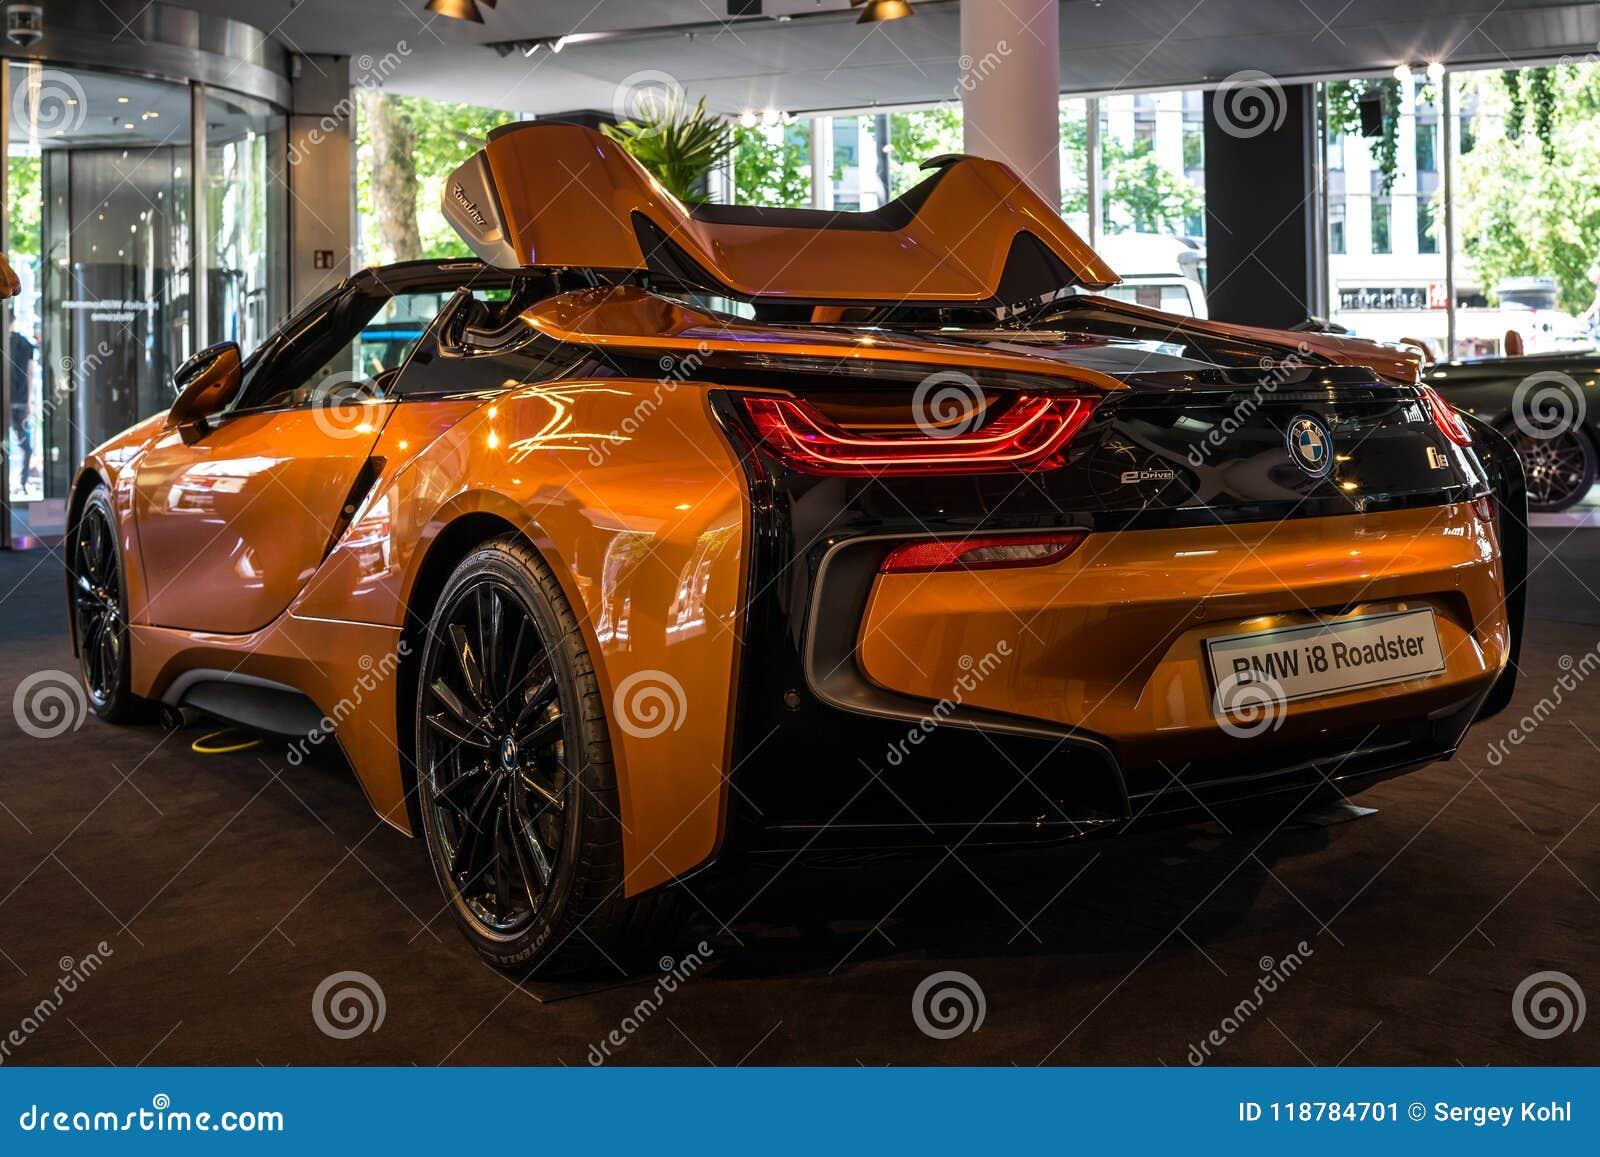 Родстер BMW i8 автомобиля спорт plug-in гибридный